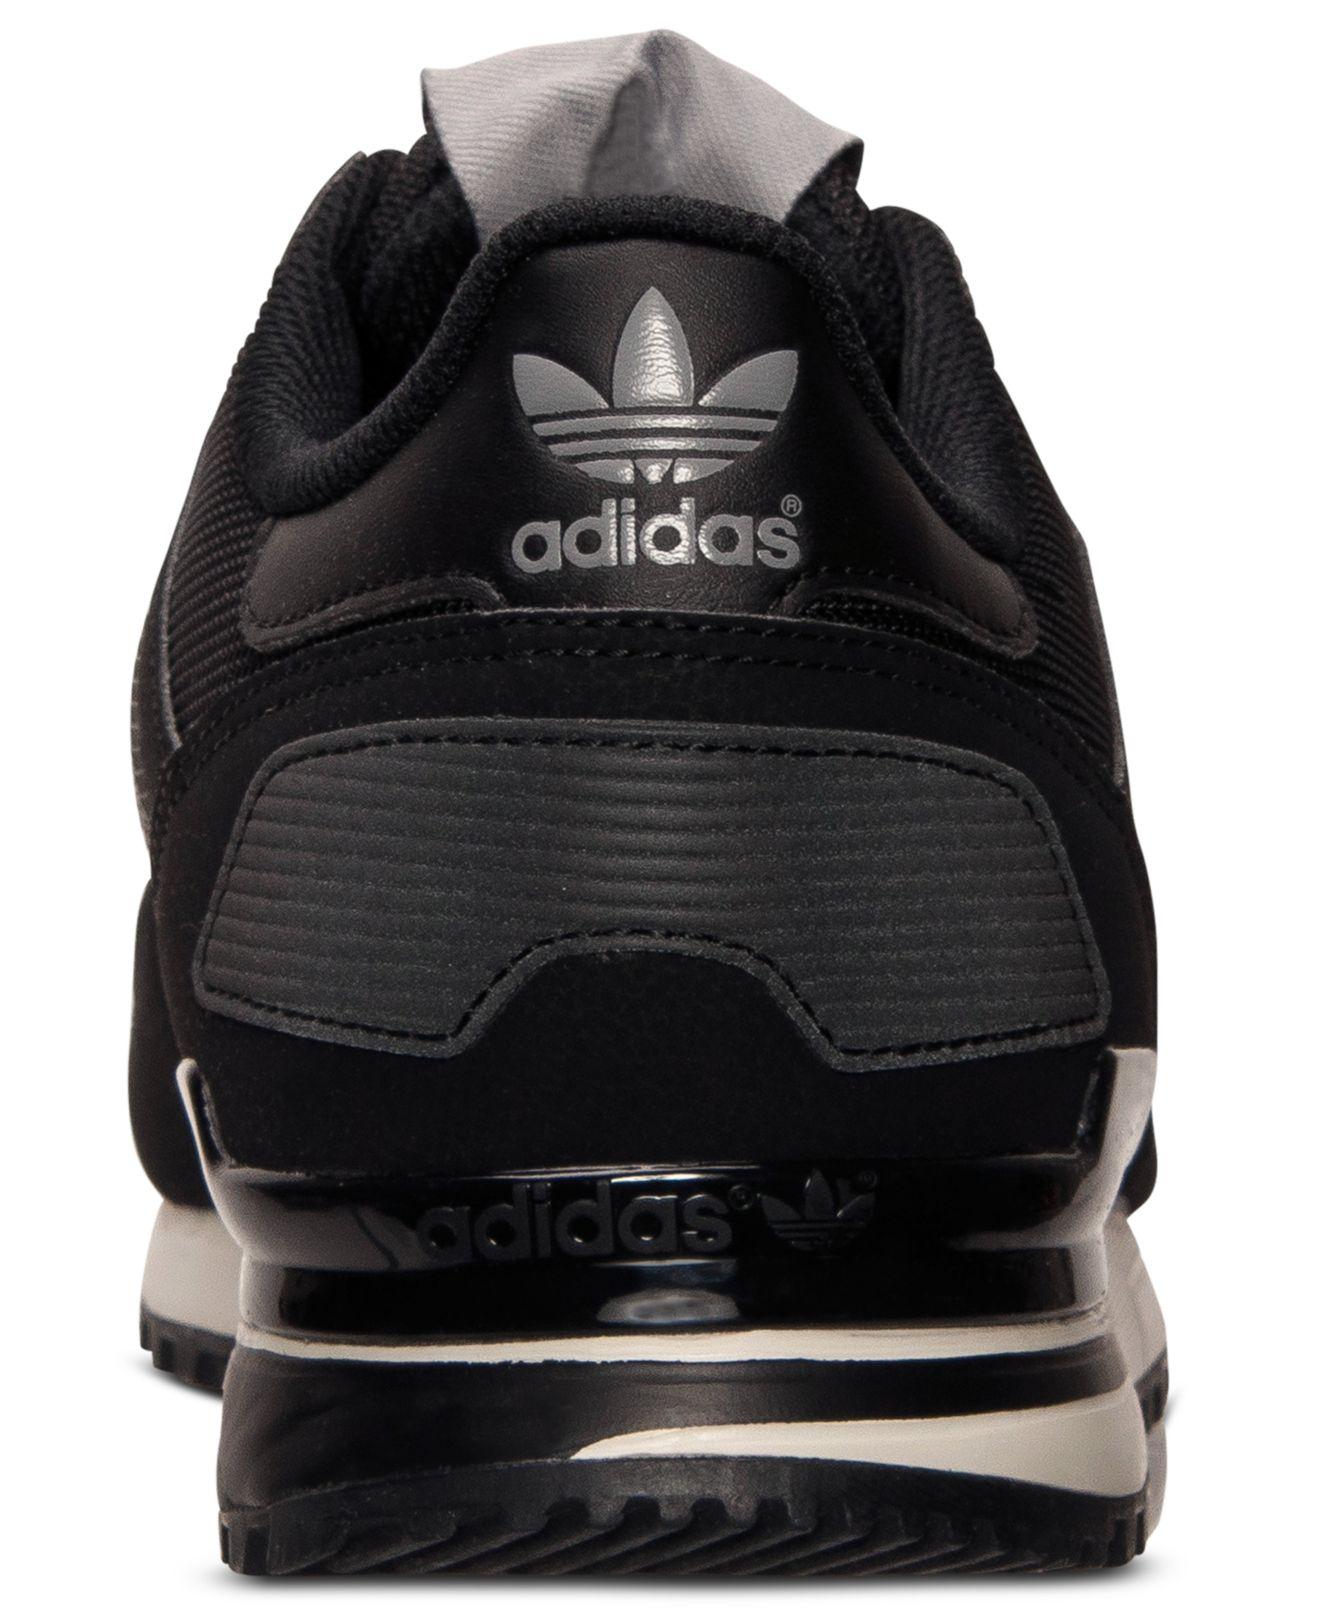 best sneakers 50b9e f1eaf ireland mens originals zx 700 casual shoes c6c55 be66d